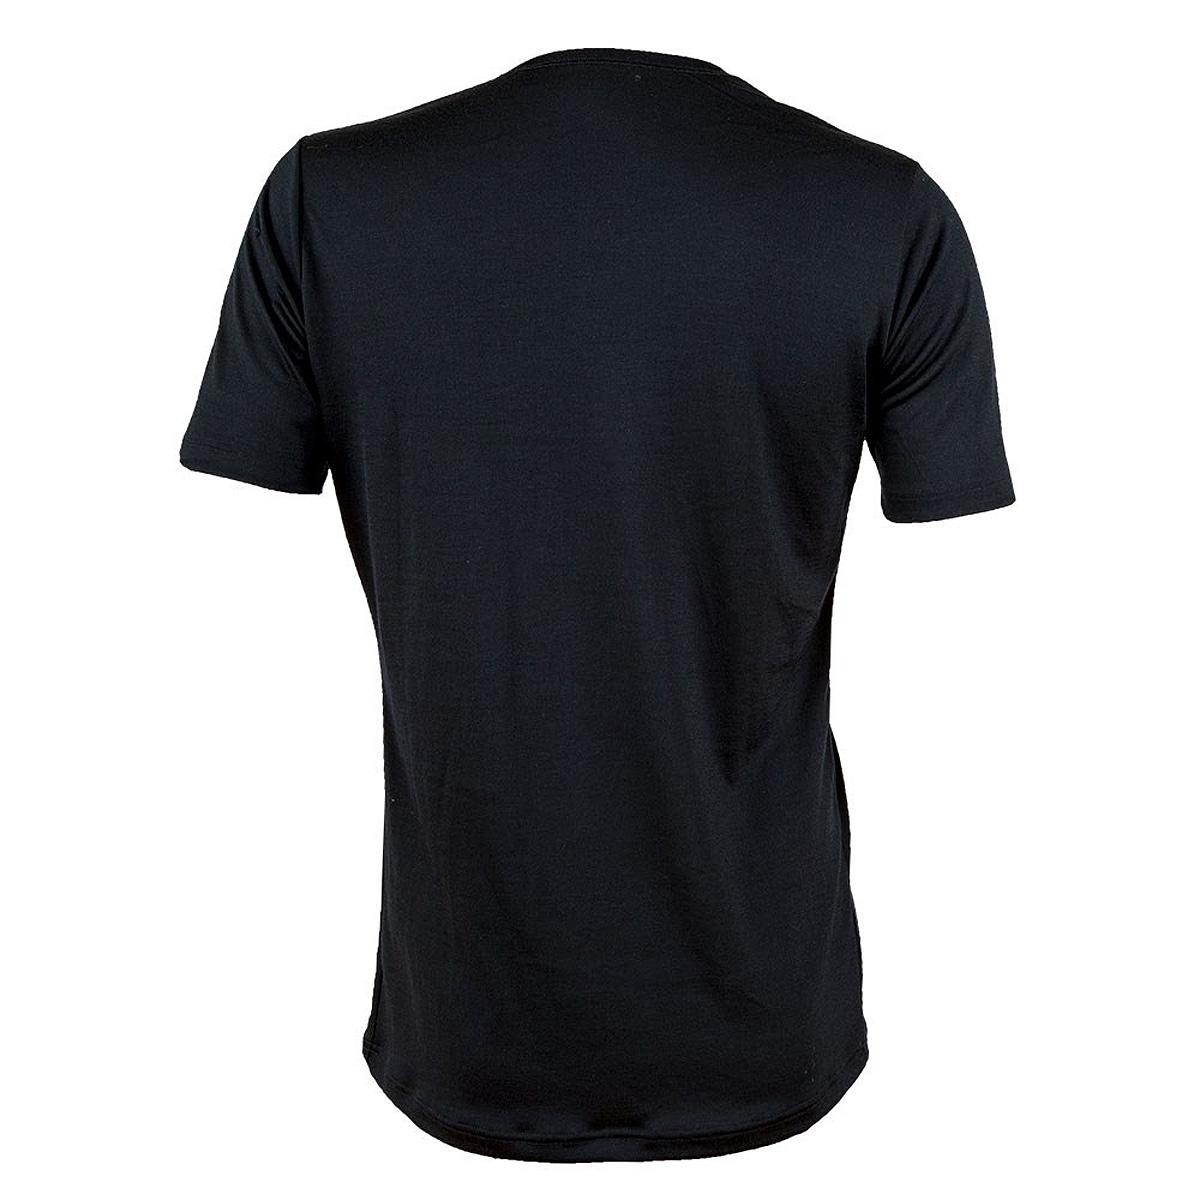 Janus LightWool herr t-shirt 100% merinoull svart